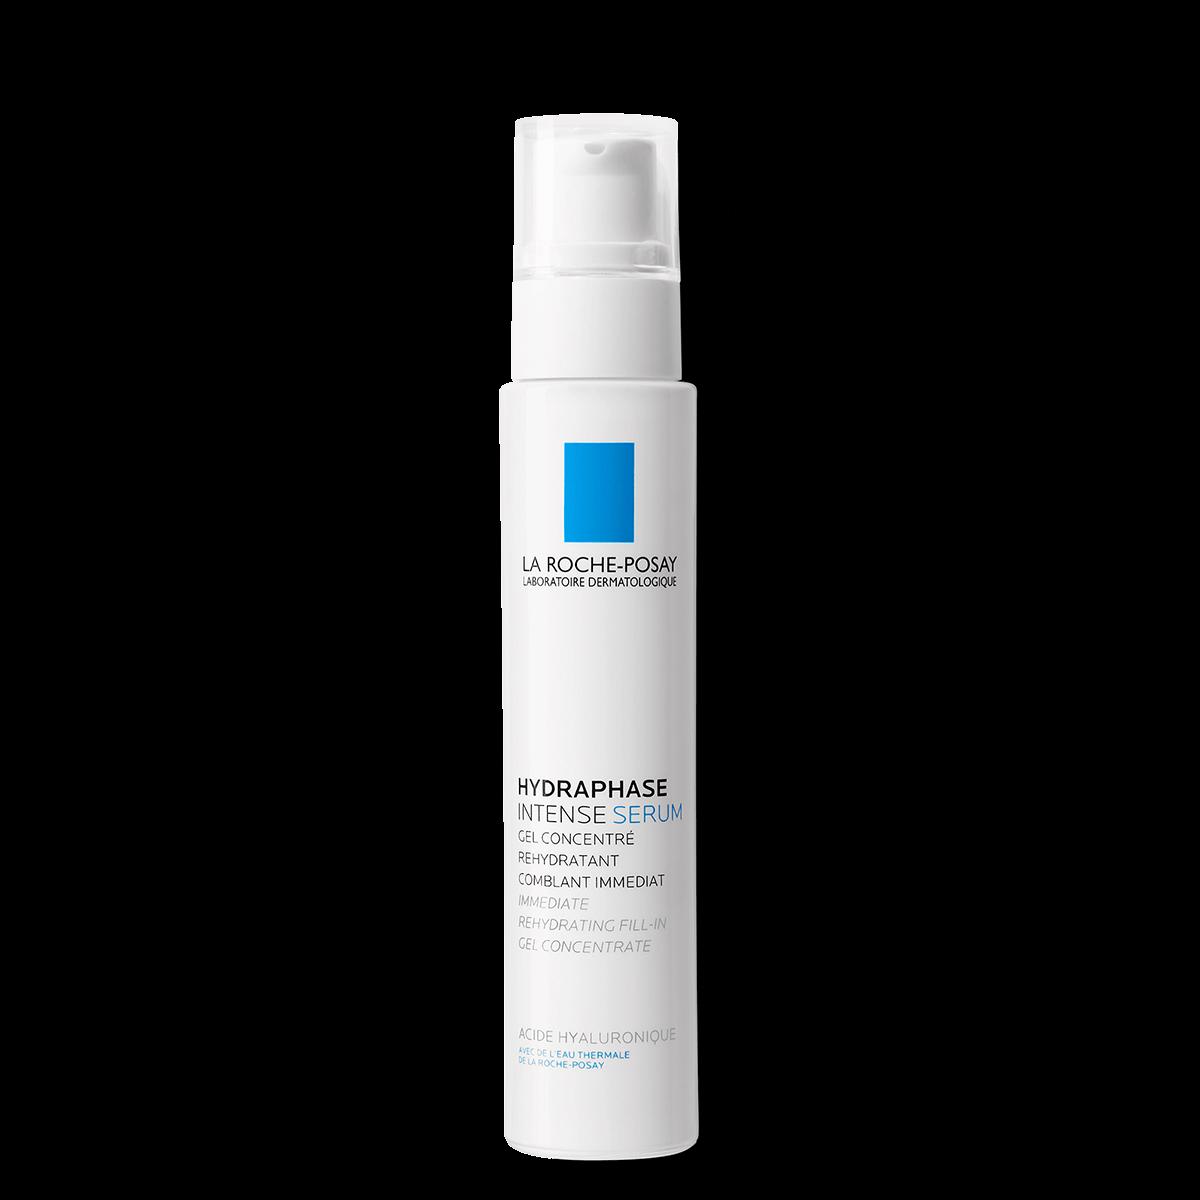 La Roche Posay ProductPage Hydraphase Intense Moisturizing Serum 30ml